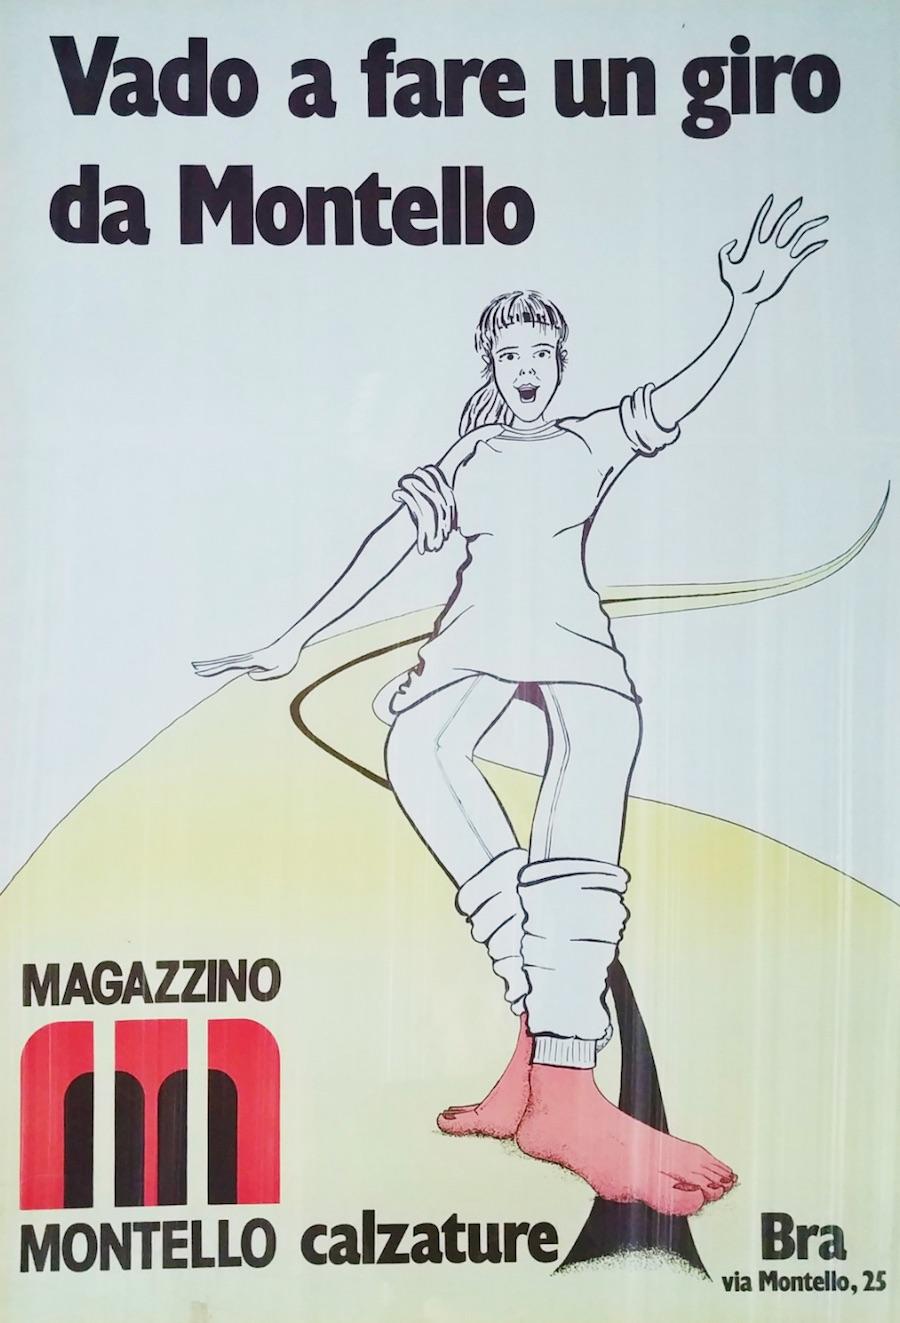 """Una pubblicità storica del Magazzino, in cui si invita ad """"andare a fare un giro"""""""